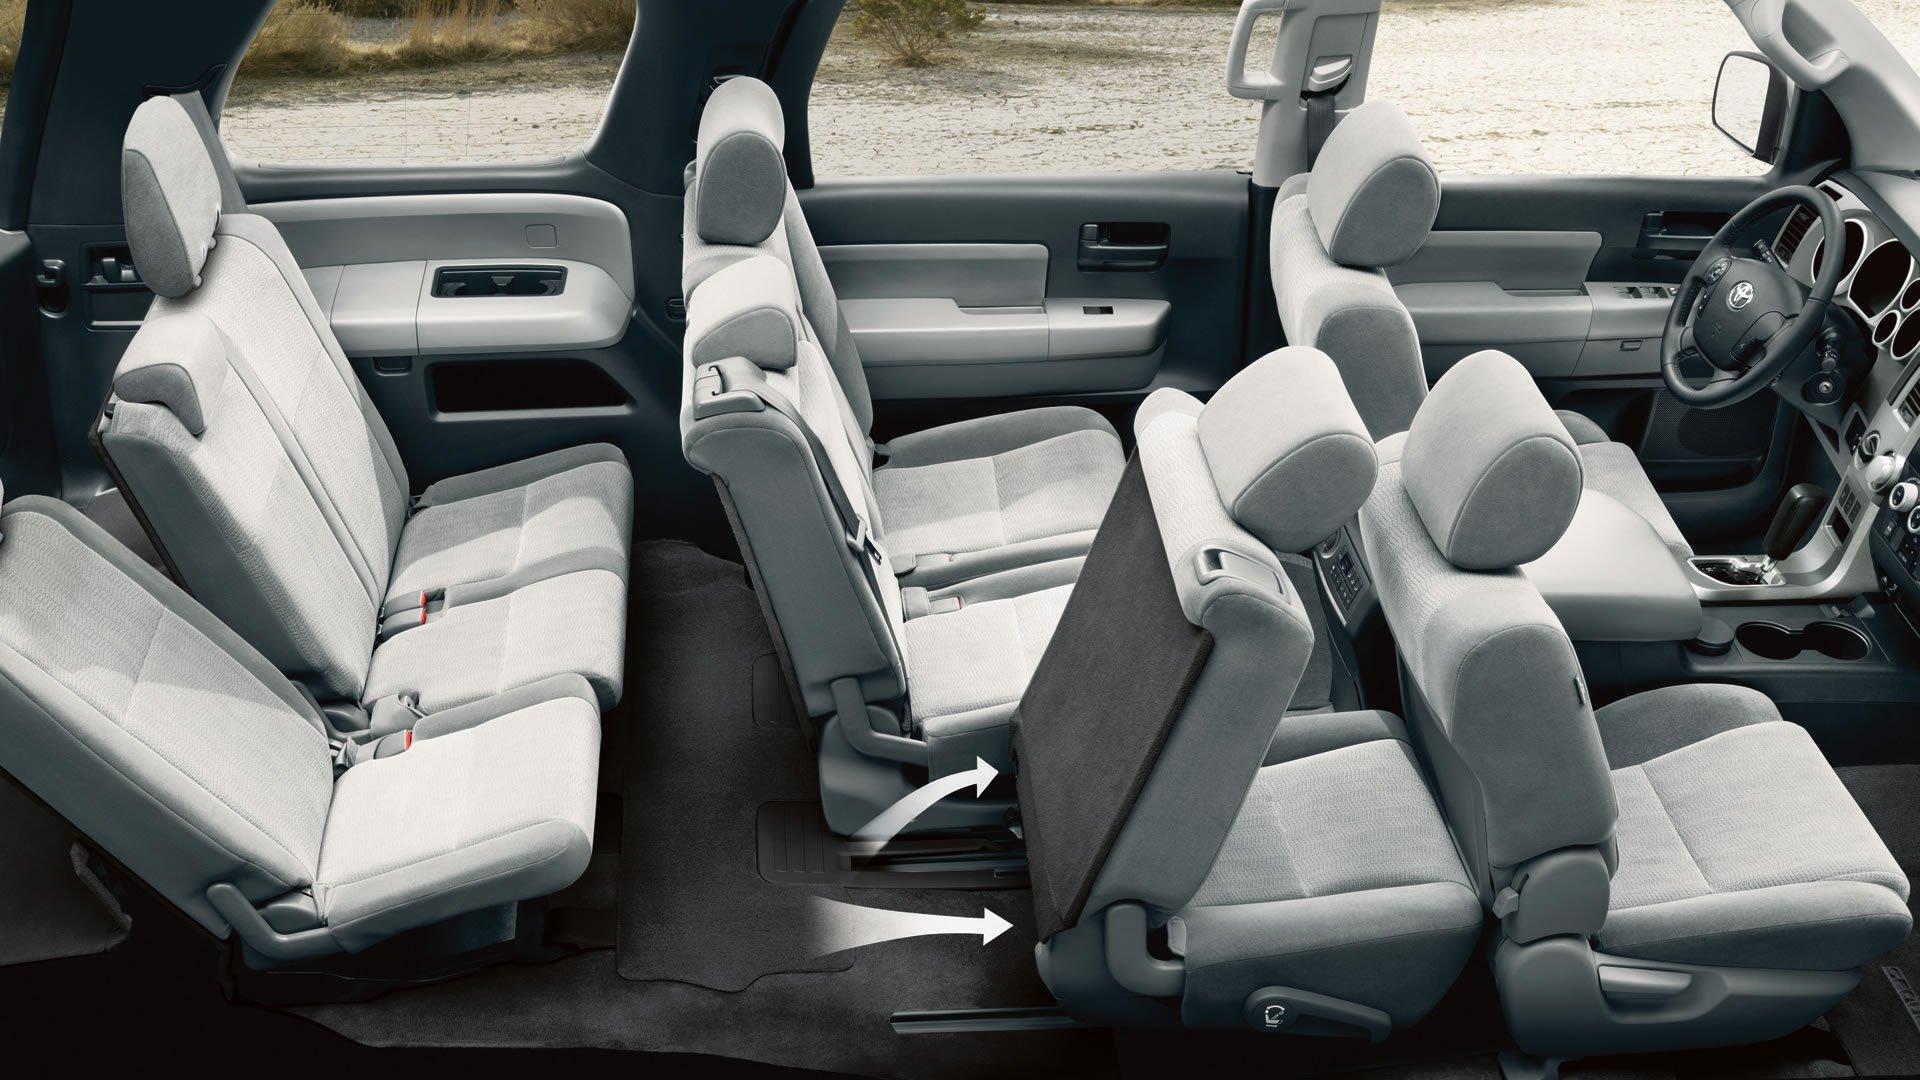 1401125701 06 - Тест-драйв Toyota Sequoia (2014)